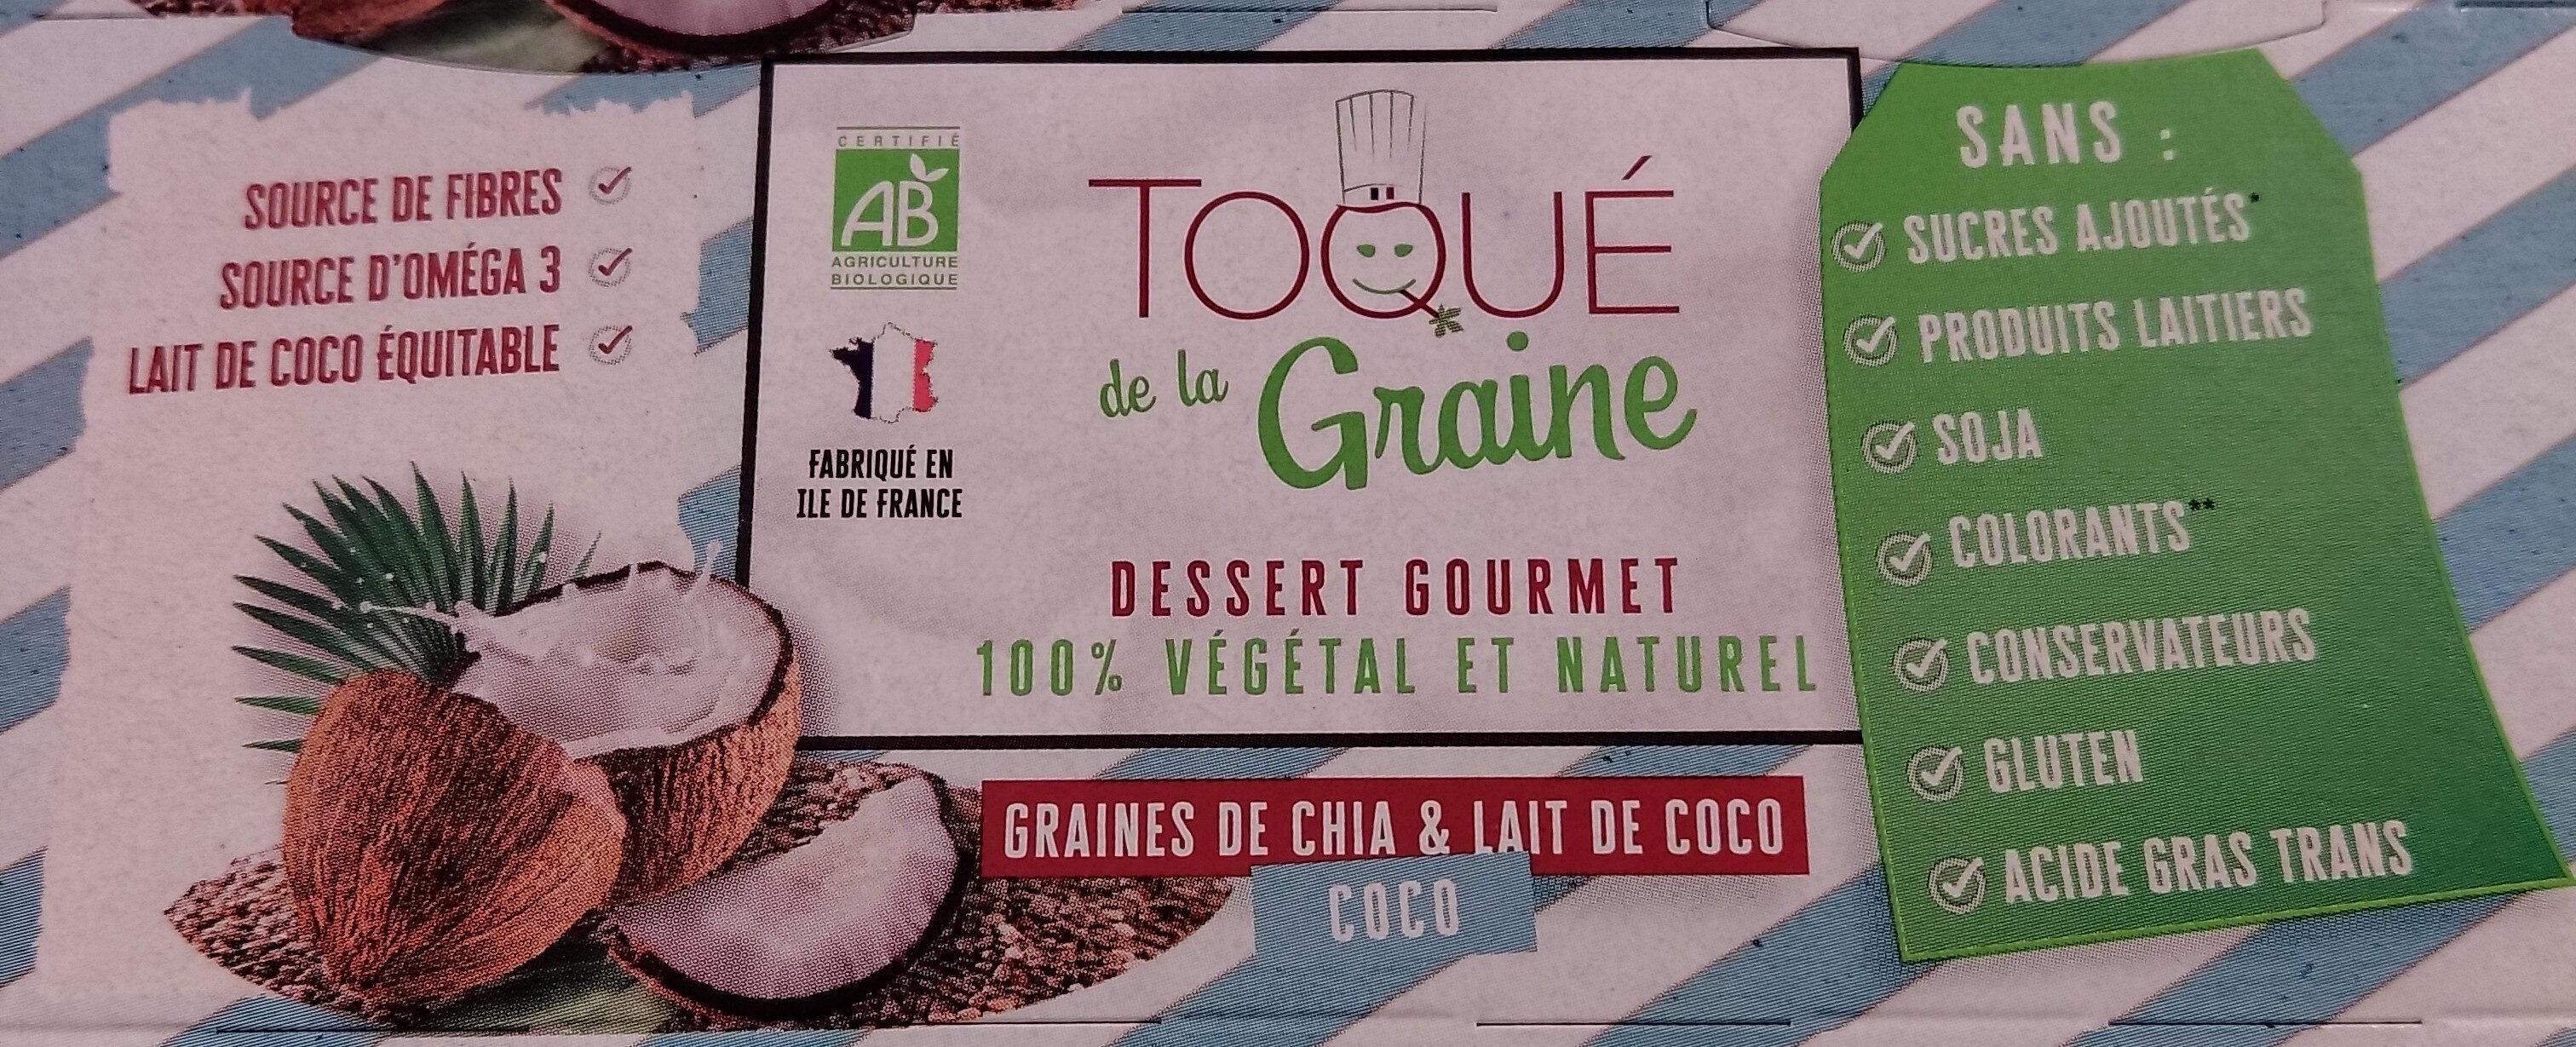 Dessert gourmet graines de chia et lait de coco - Product - fr